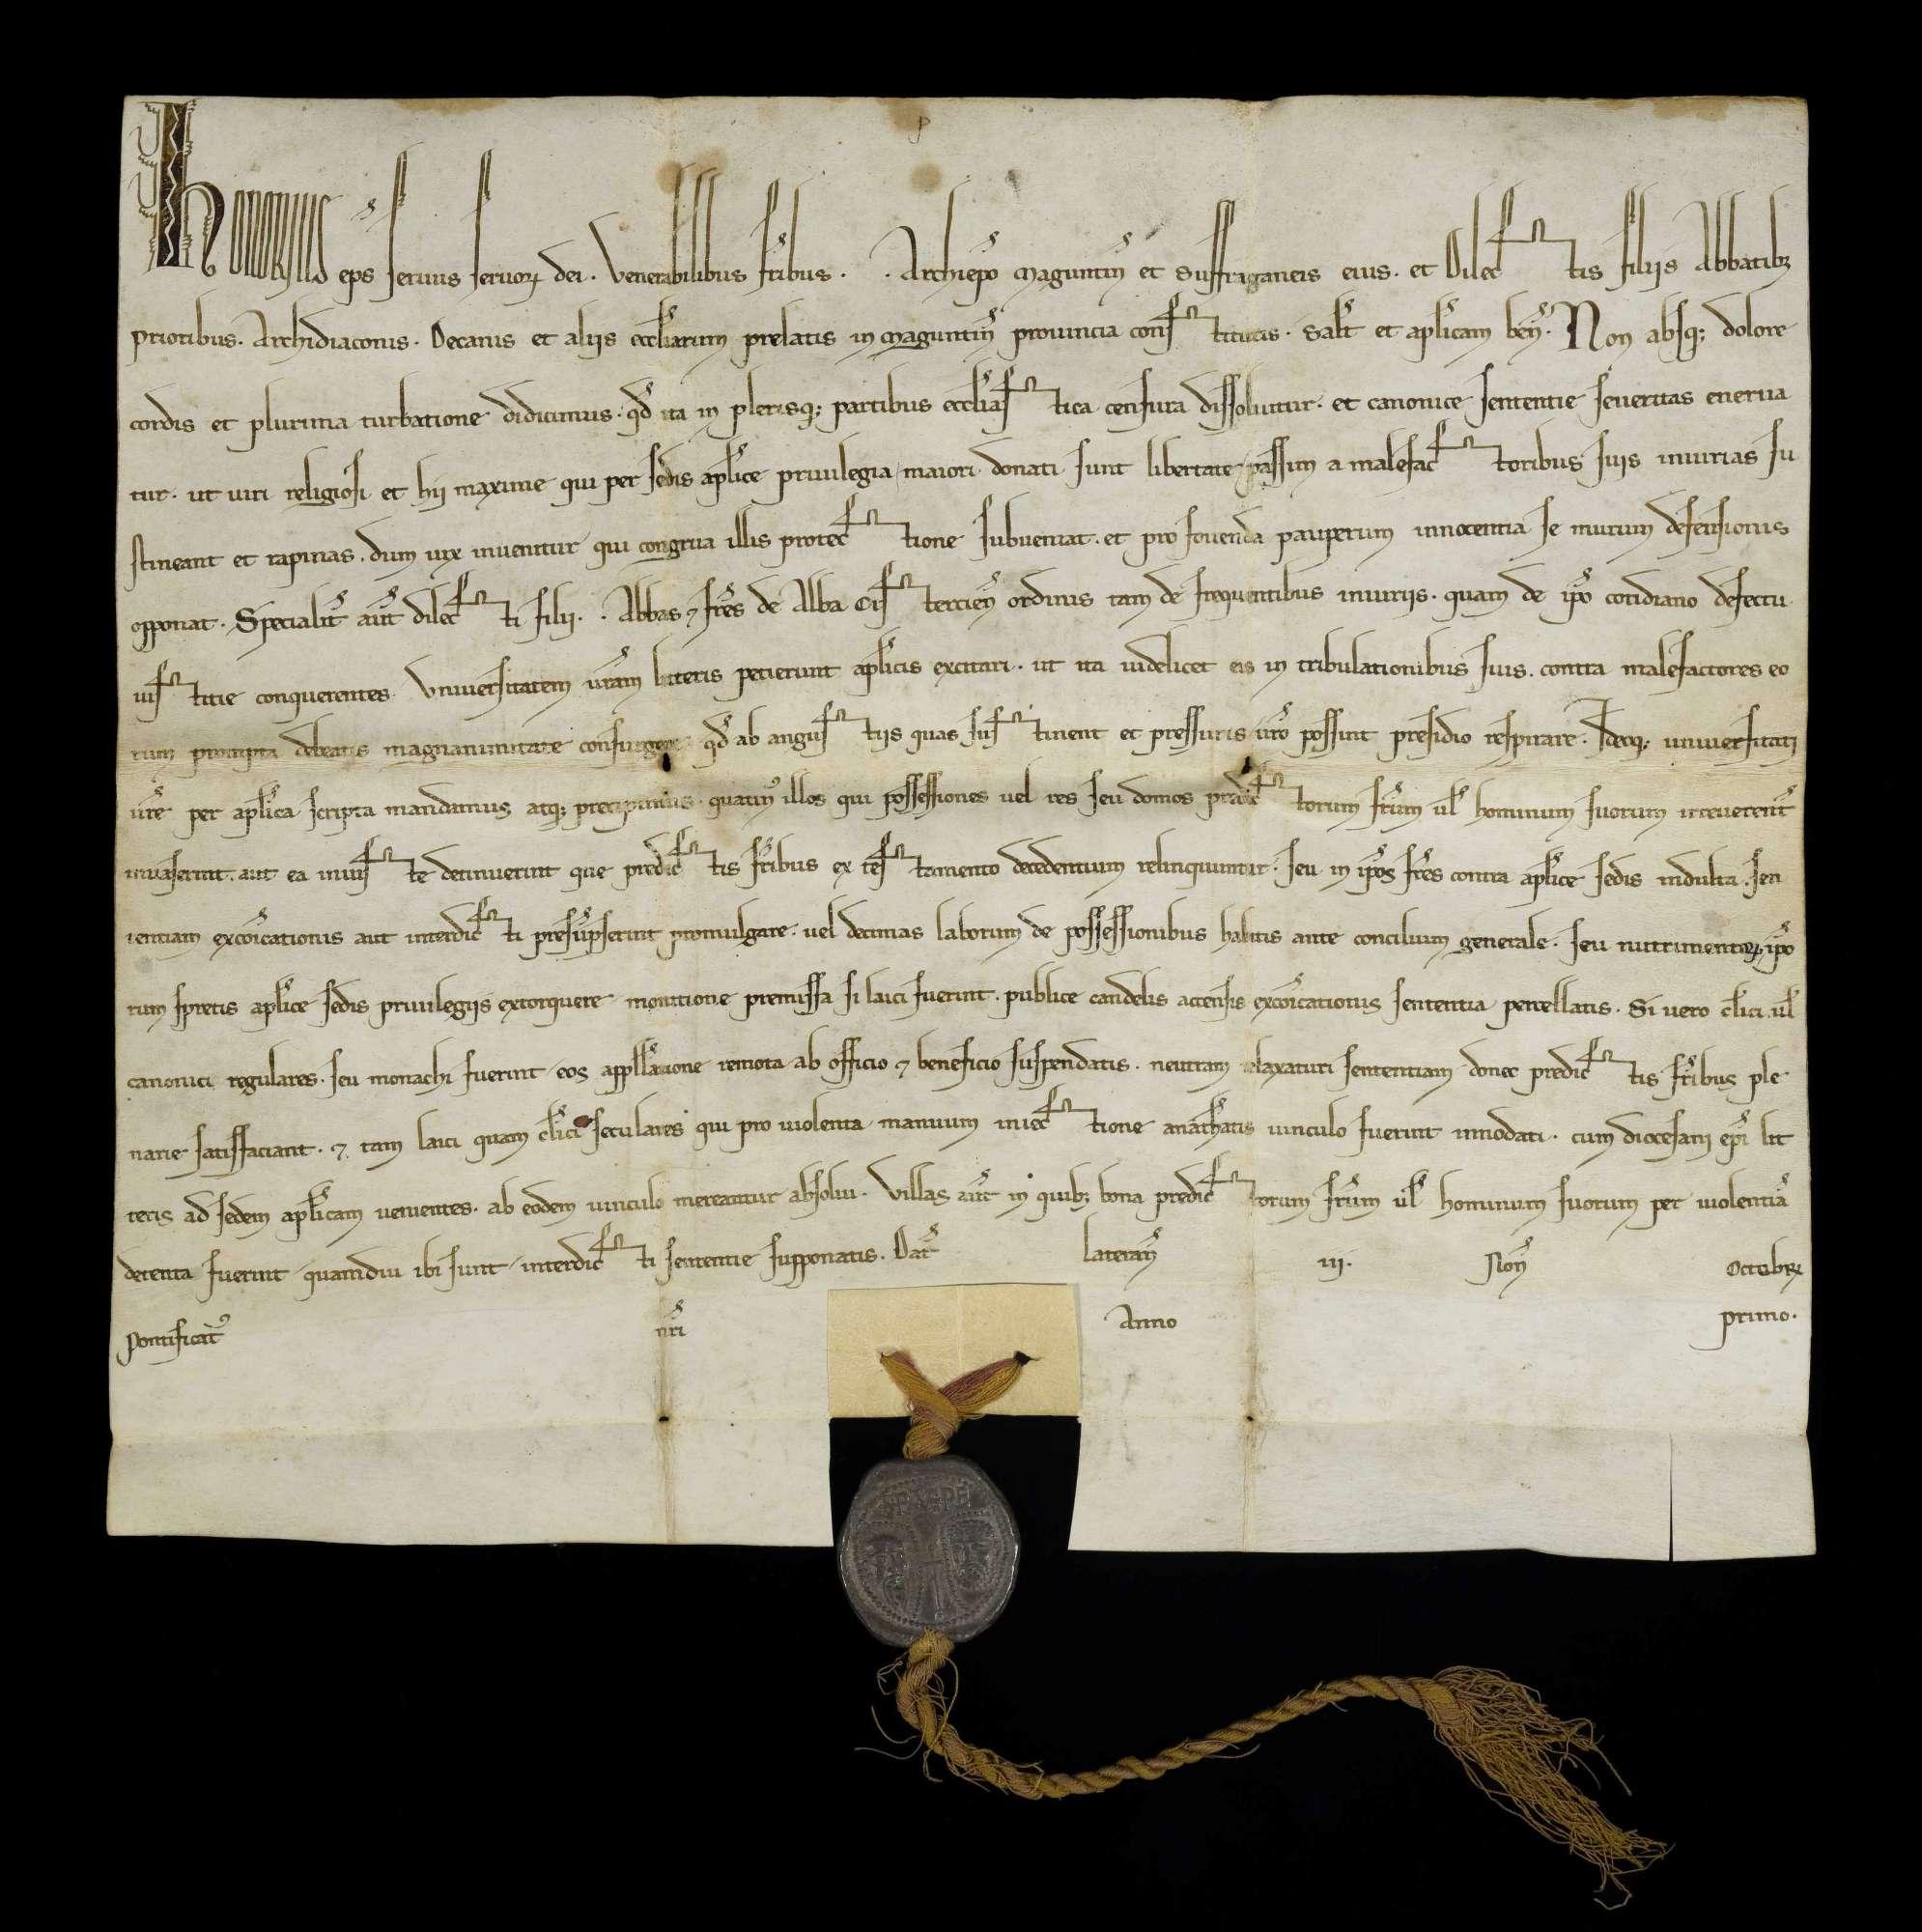 Papst Honorius III. gebietet auf Bitte des Klosters Herrenalb den Prälaten des Erzsprengels von Mainz, das Kloster gegen Übergriffe von Seiten der Laien wie der Geistlichen zu schützen., r